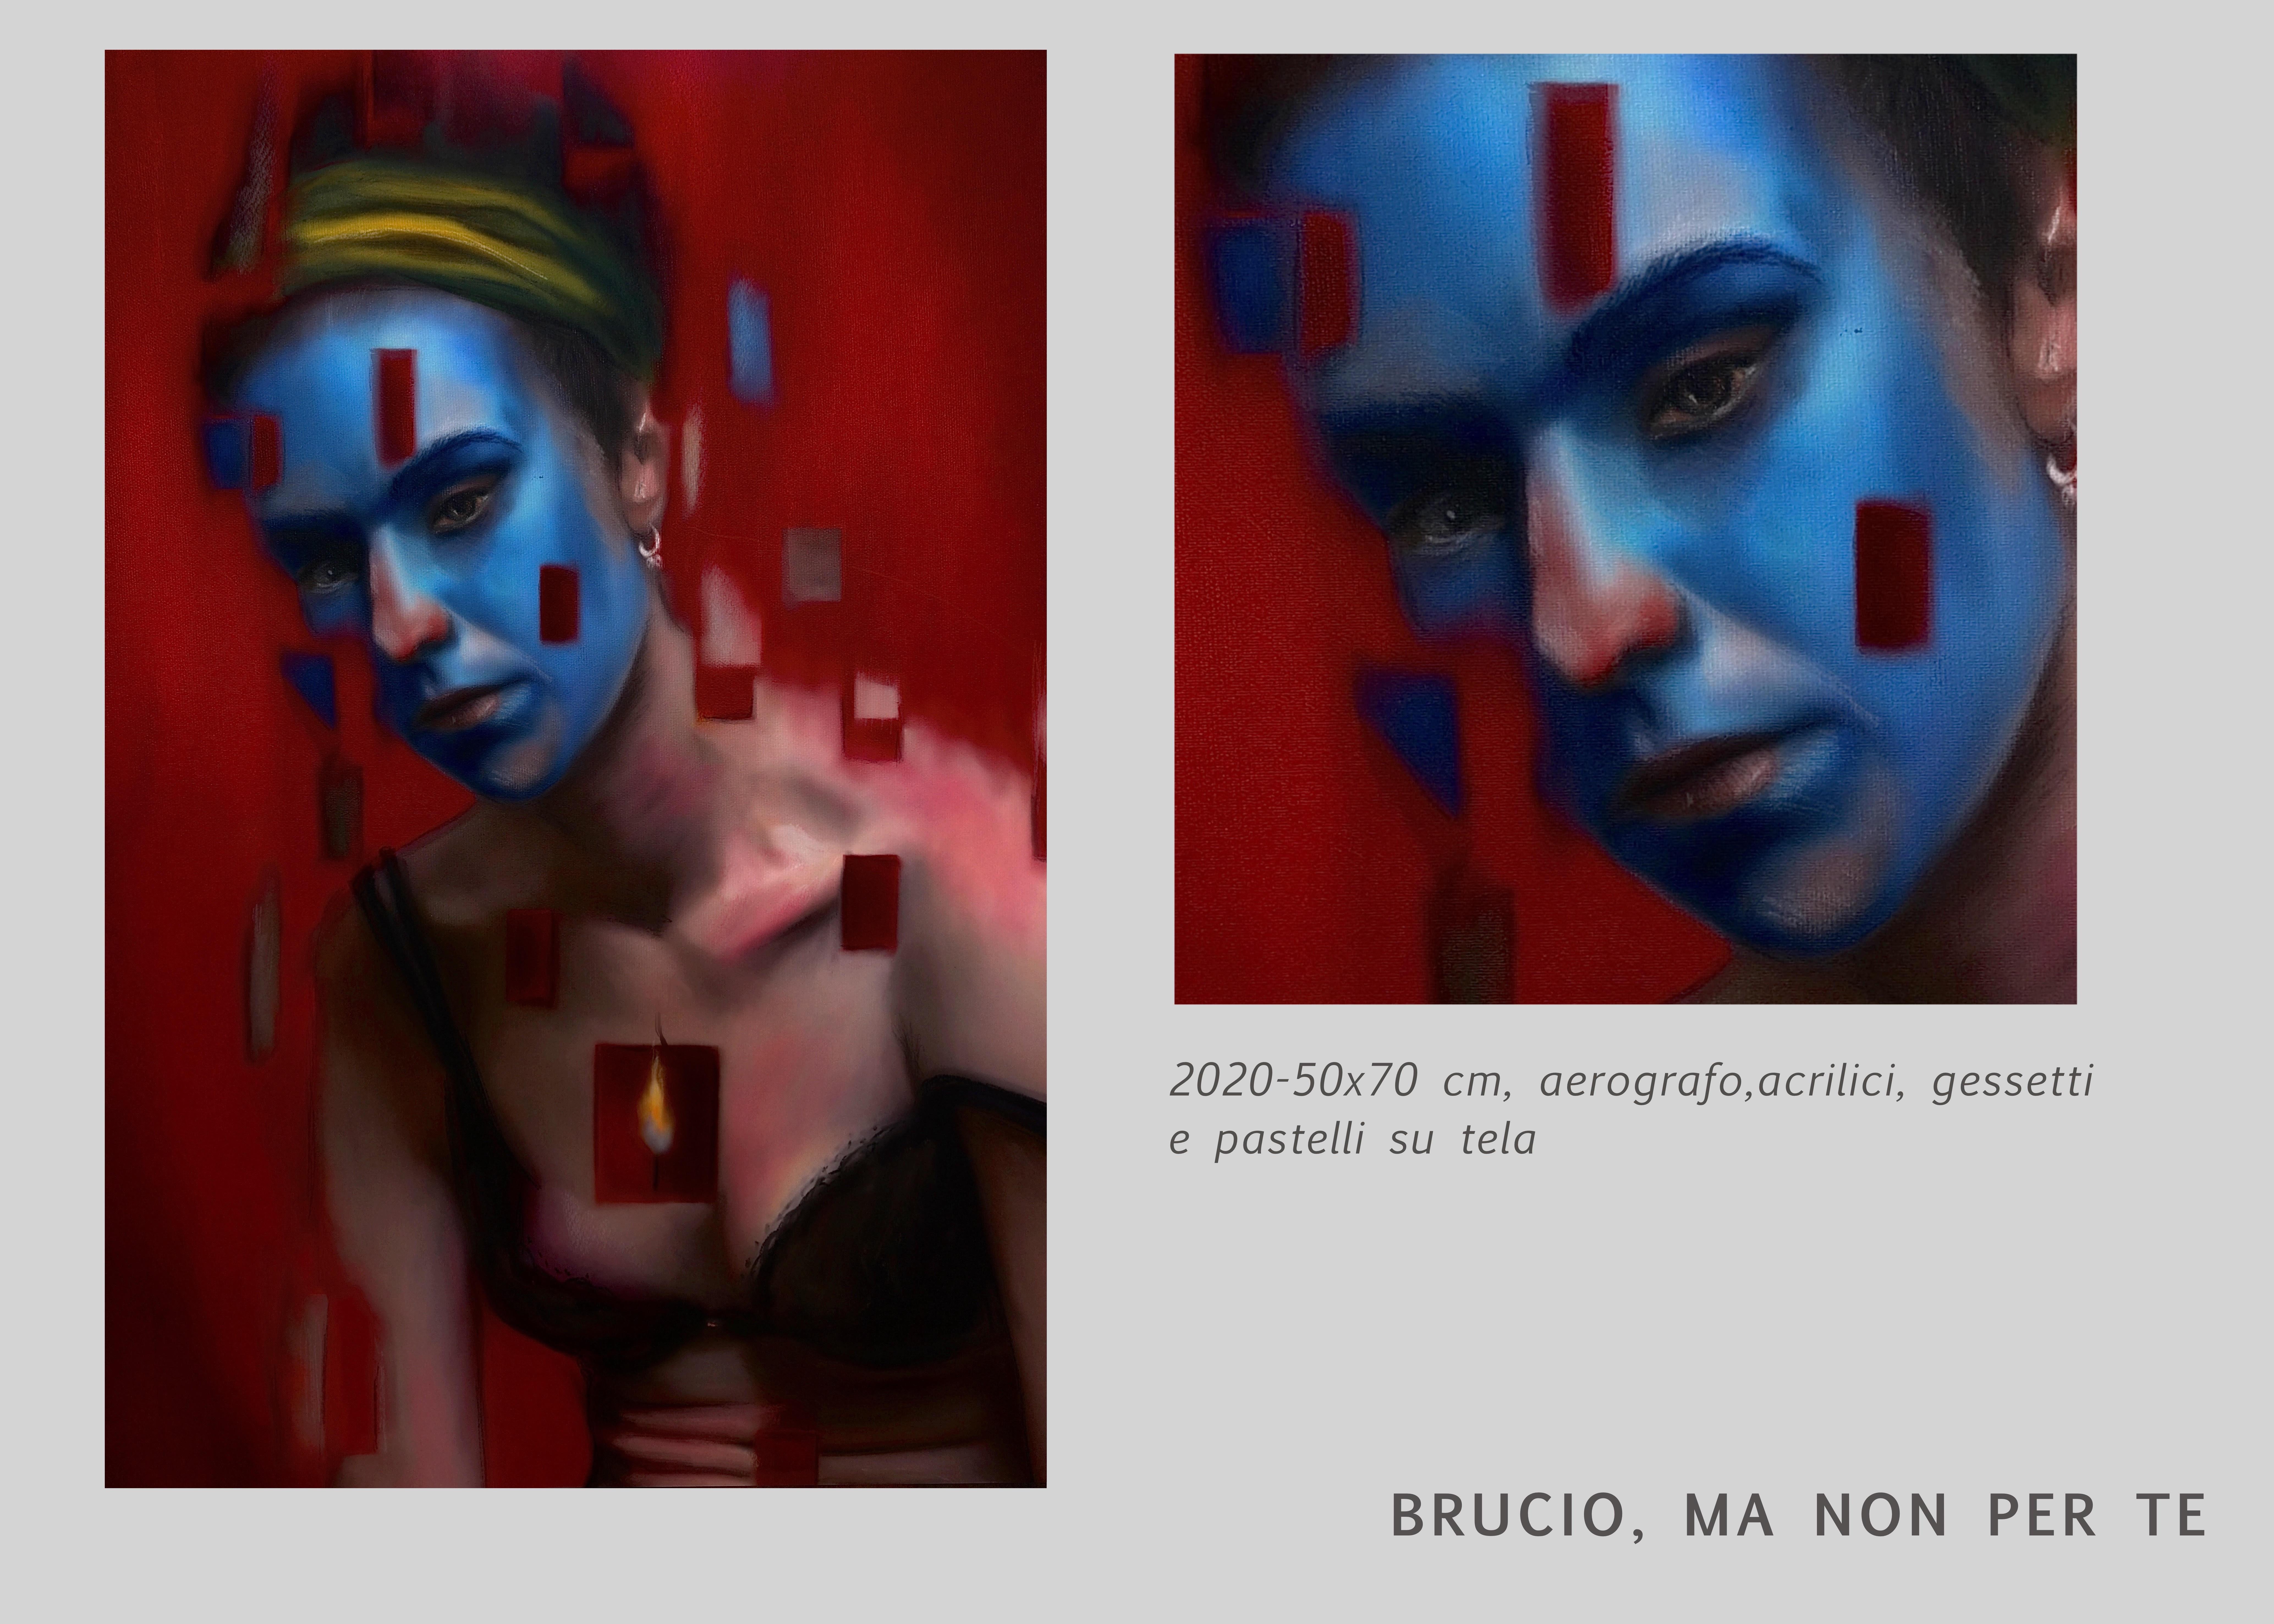 BRUCIO MA NON PER TE-CHIARA LUISE